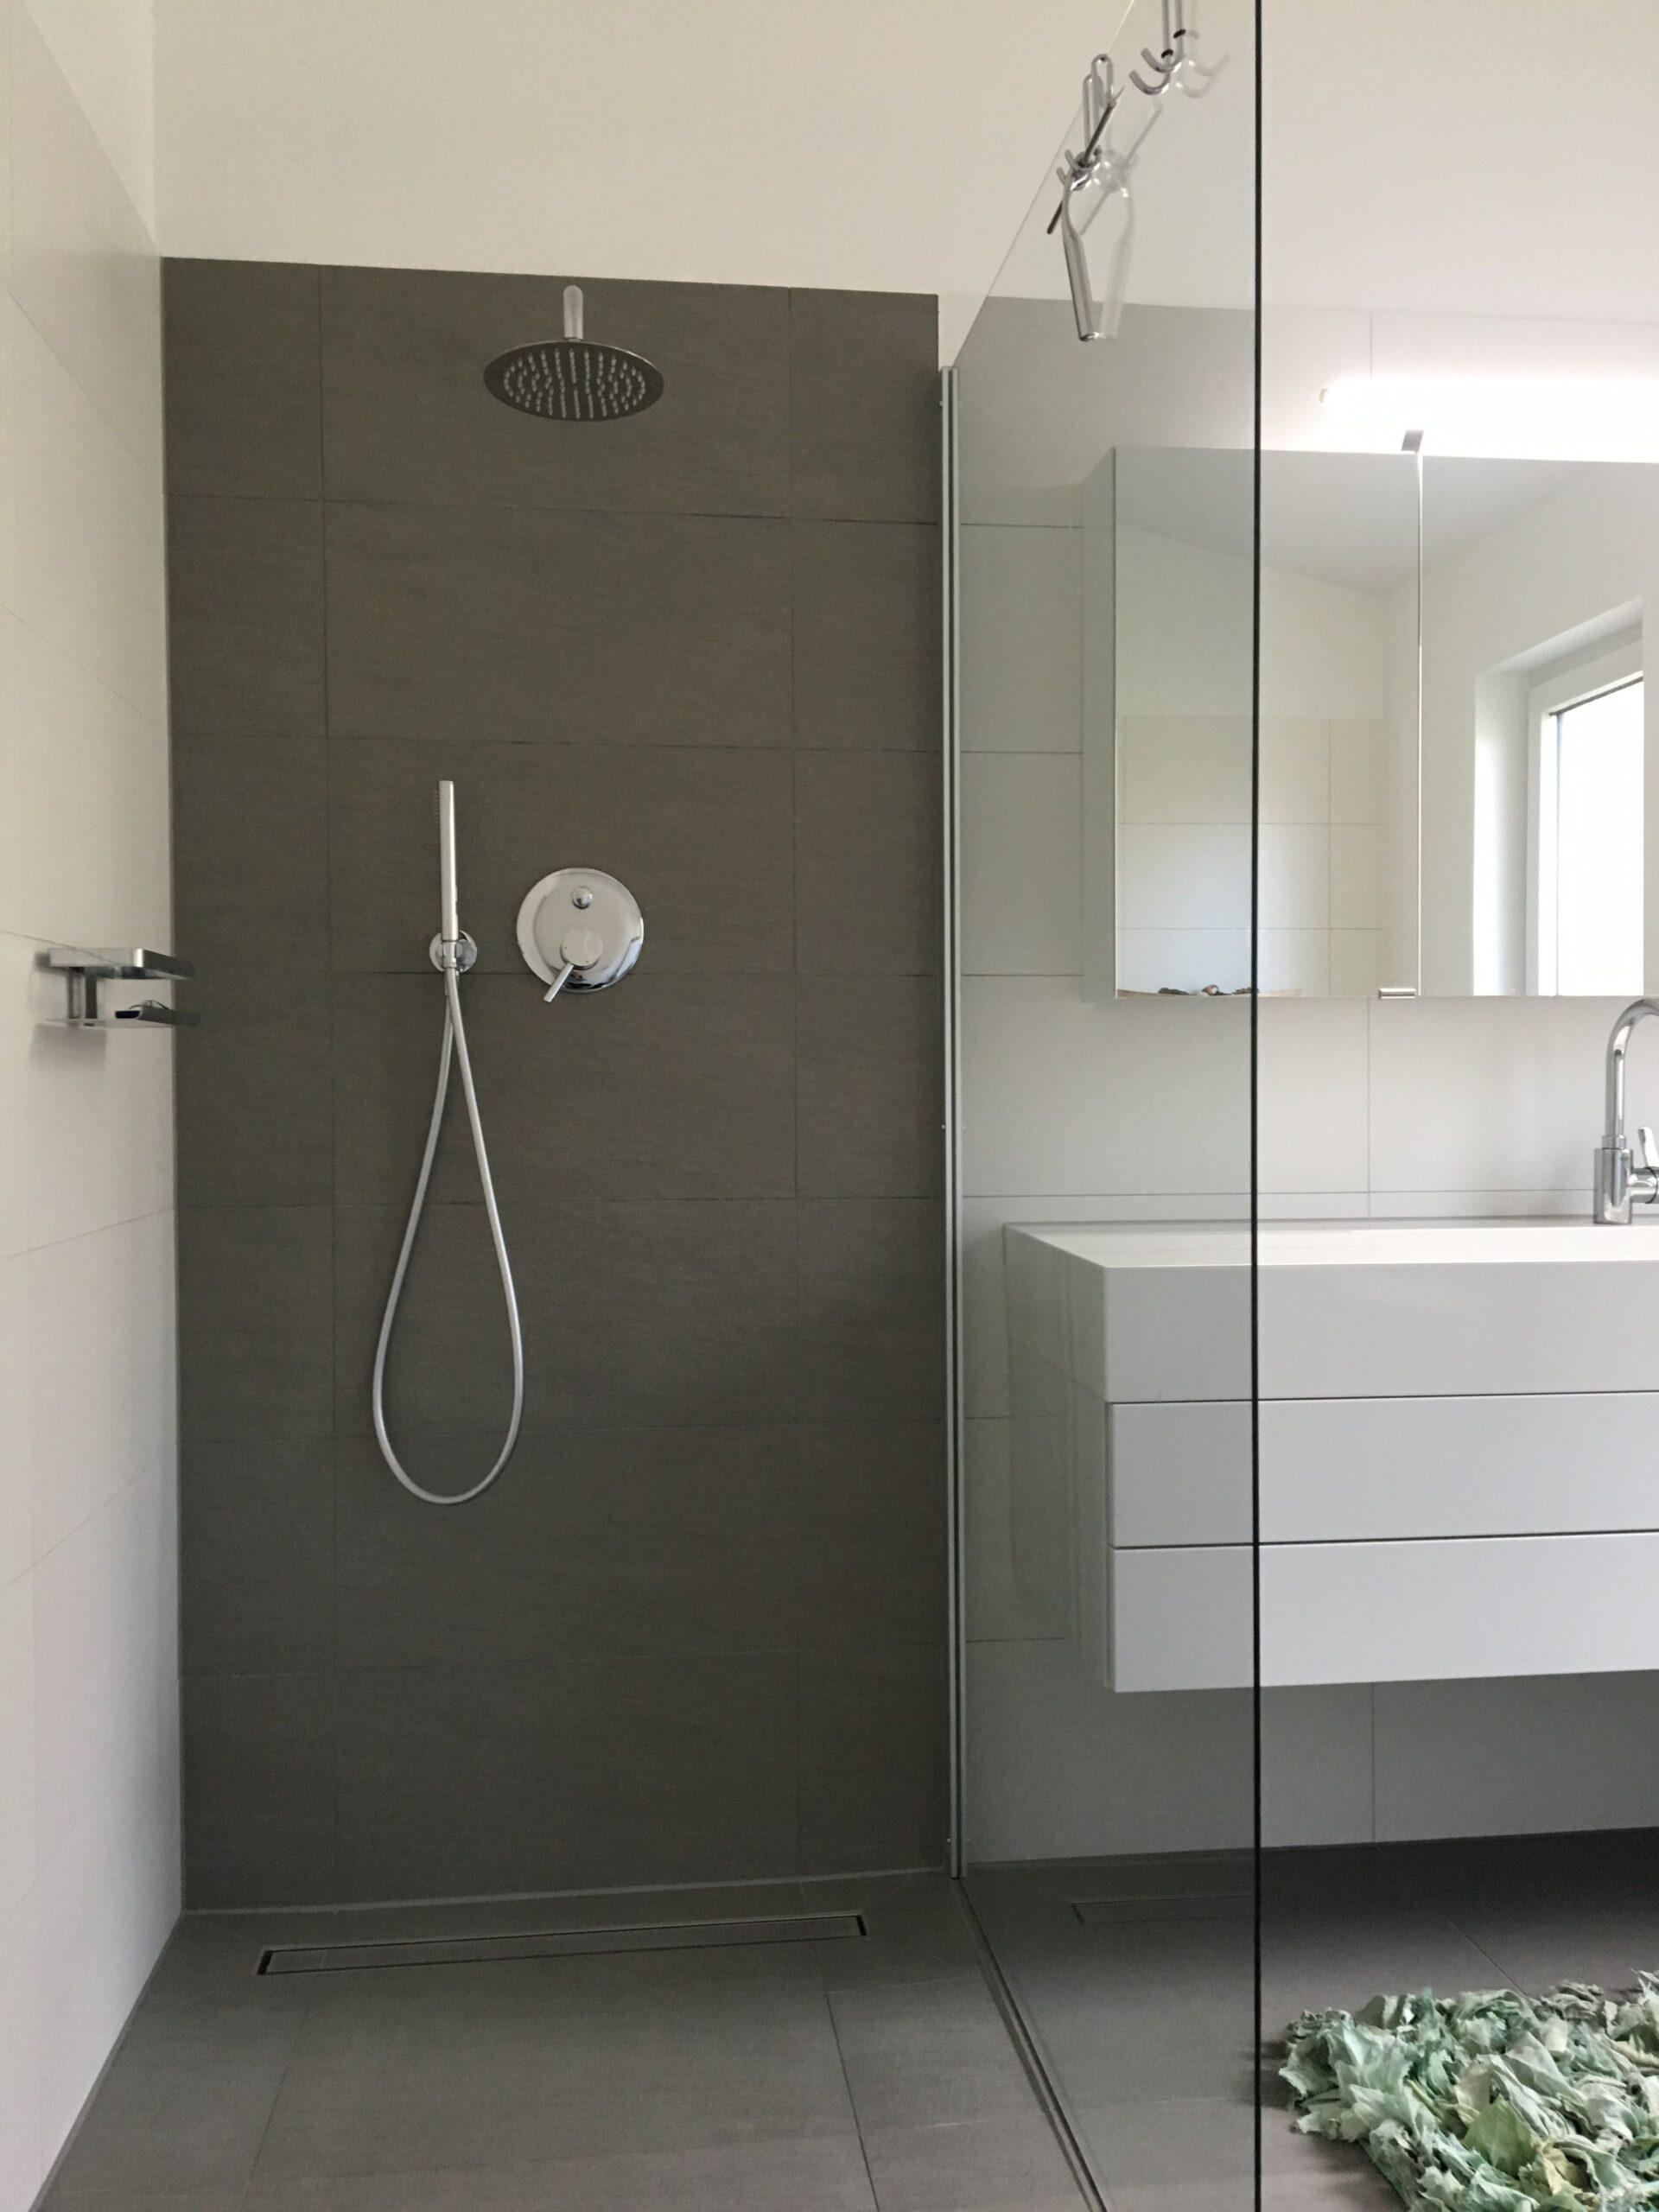 Full Size of Glaswand Dusche Badezimmer Fliesen Wasseranschluss Hinter Der Wand Moderne Duschen Küche Badewanne Mit Tür Und Begehbare Anal Pendeltür Schiebetür Dusche Glaswand Dusche